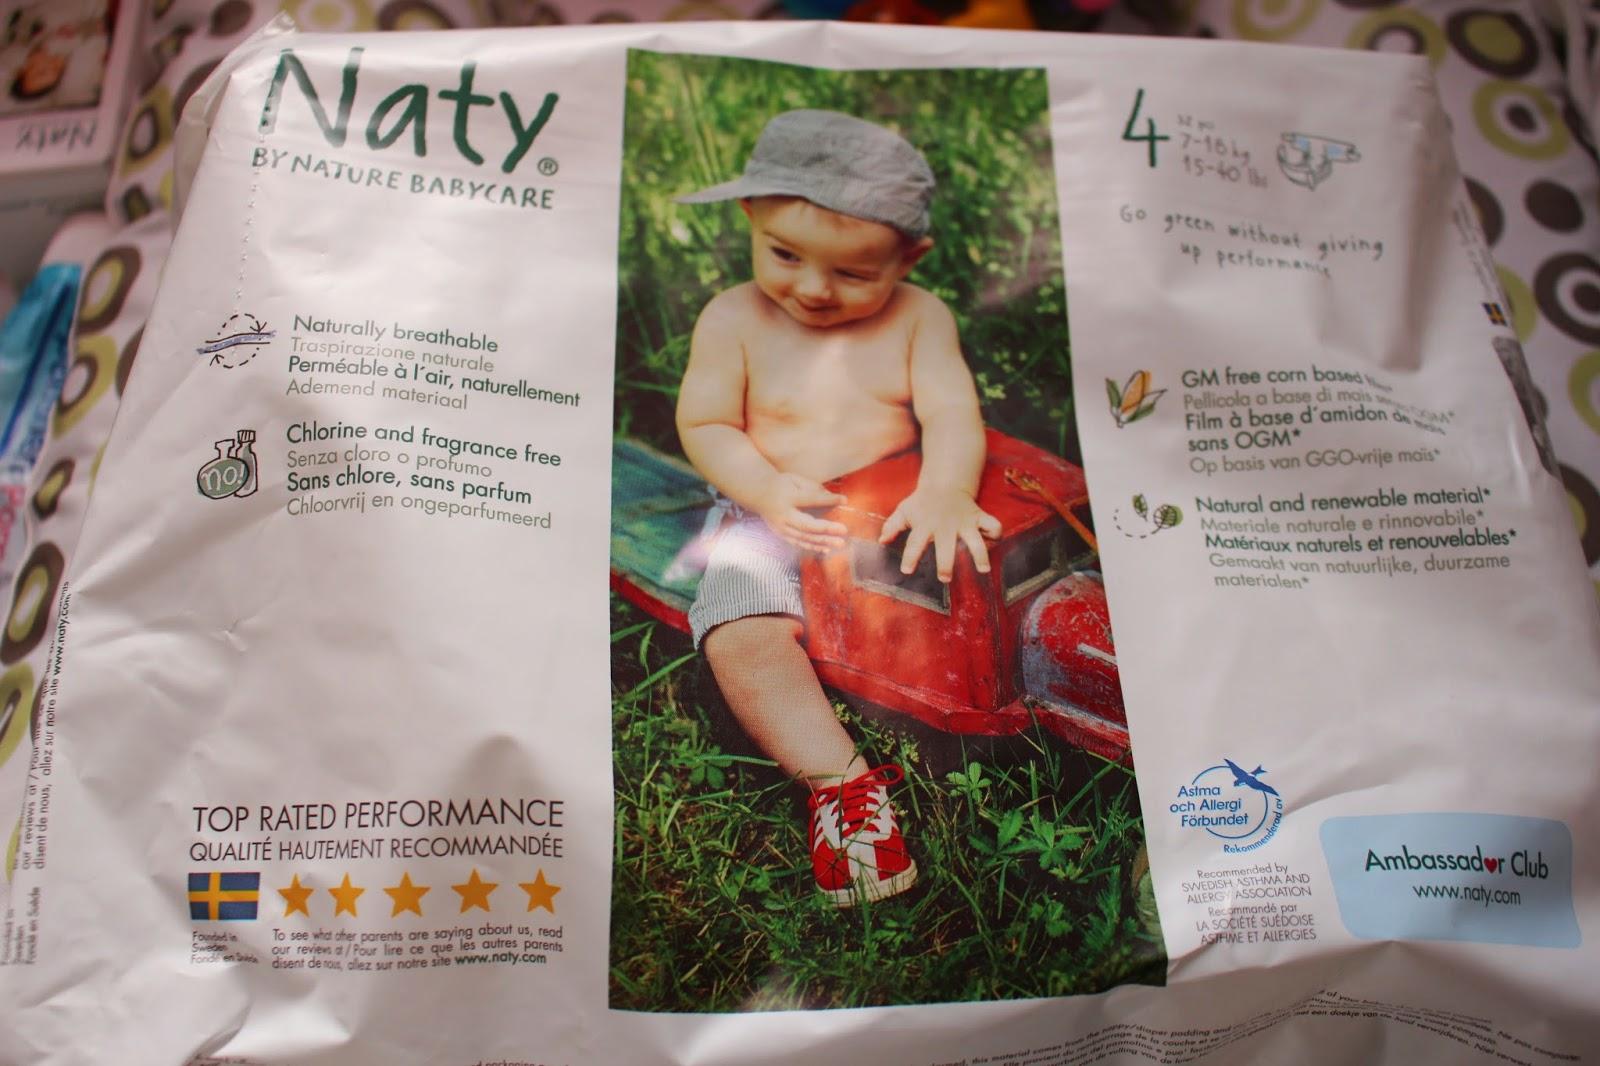 bébé change écologie alternative pétrole métaux lourds